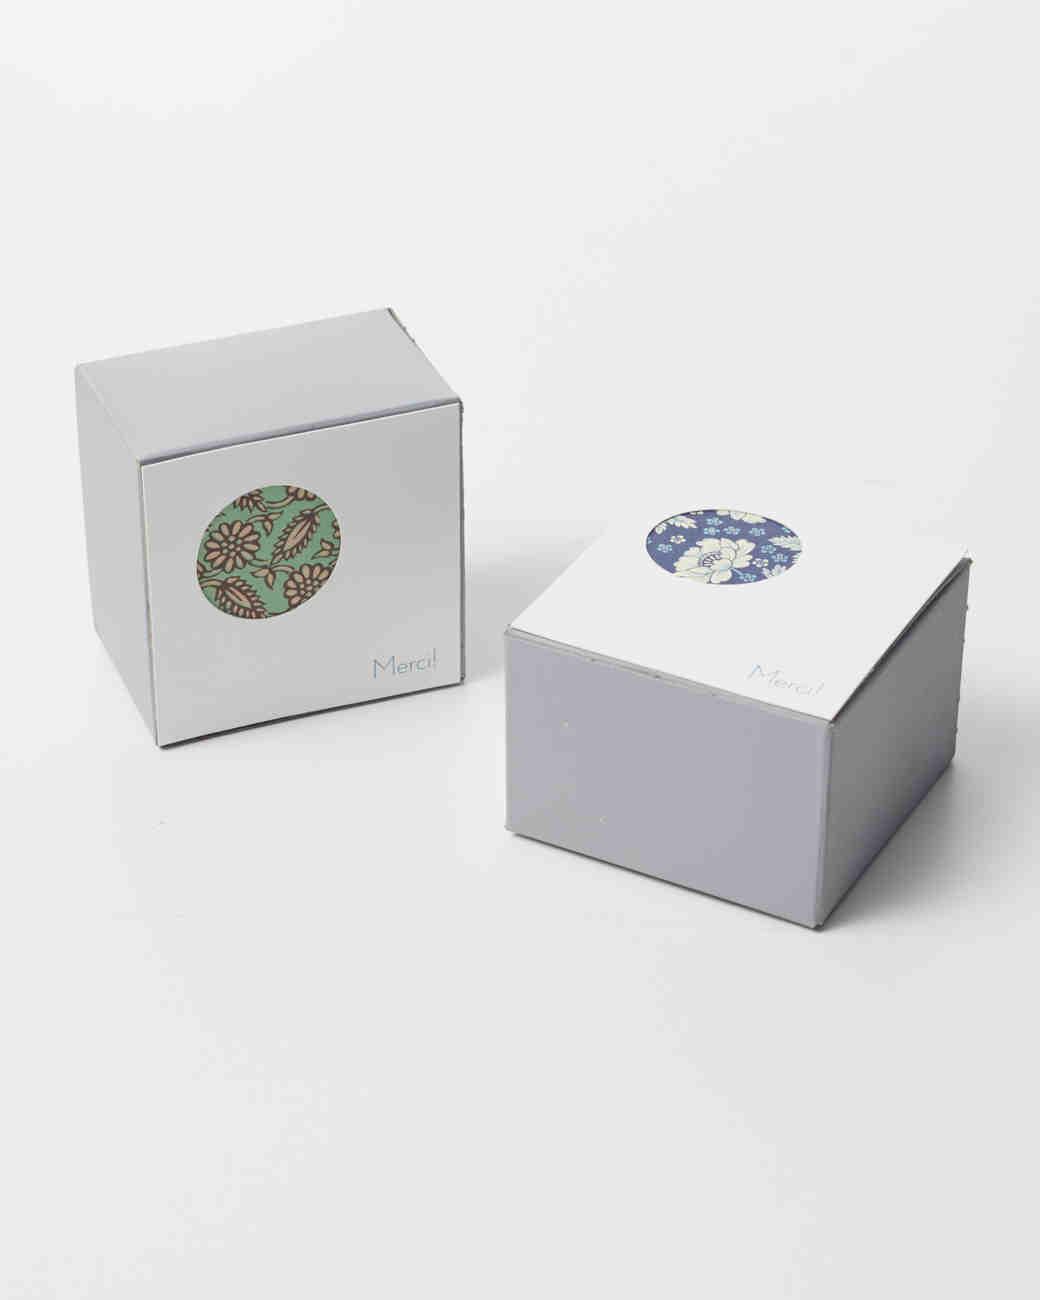 az-diy-hole-punch-favor-boxes-107-d112138-0615.jpg